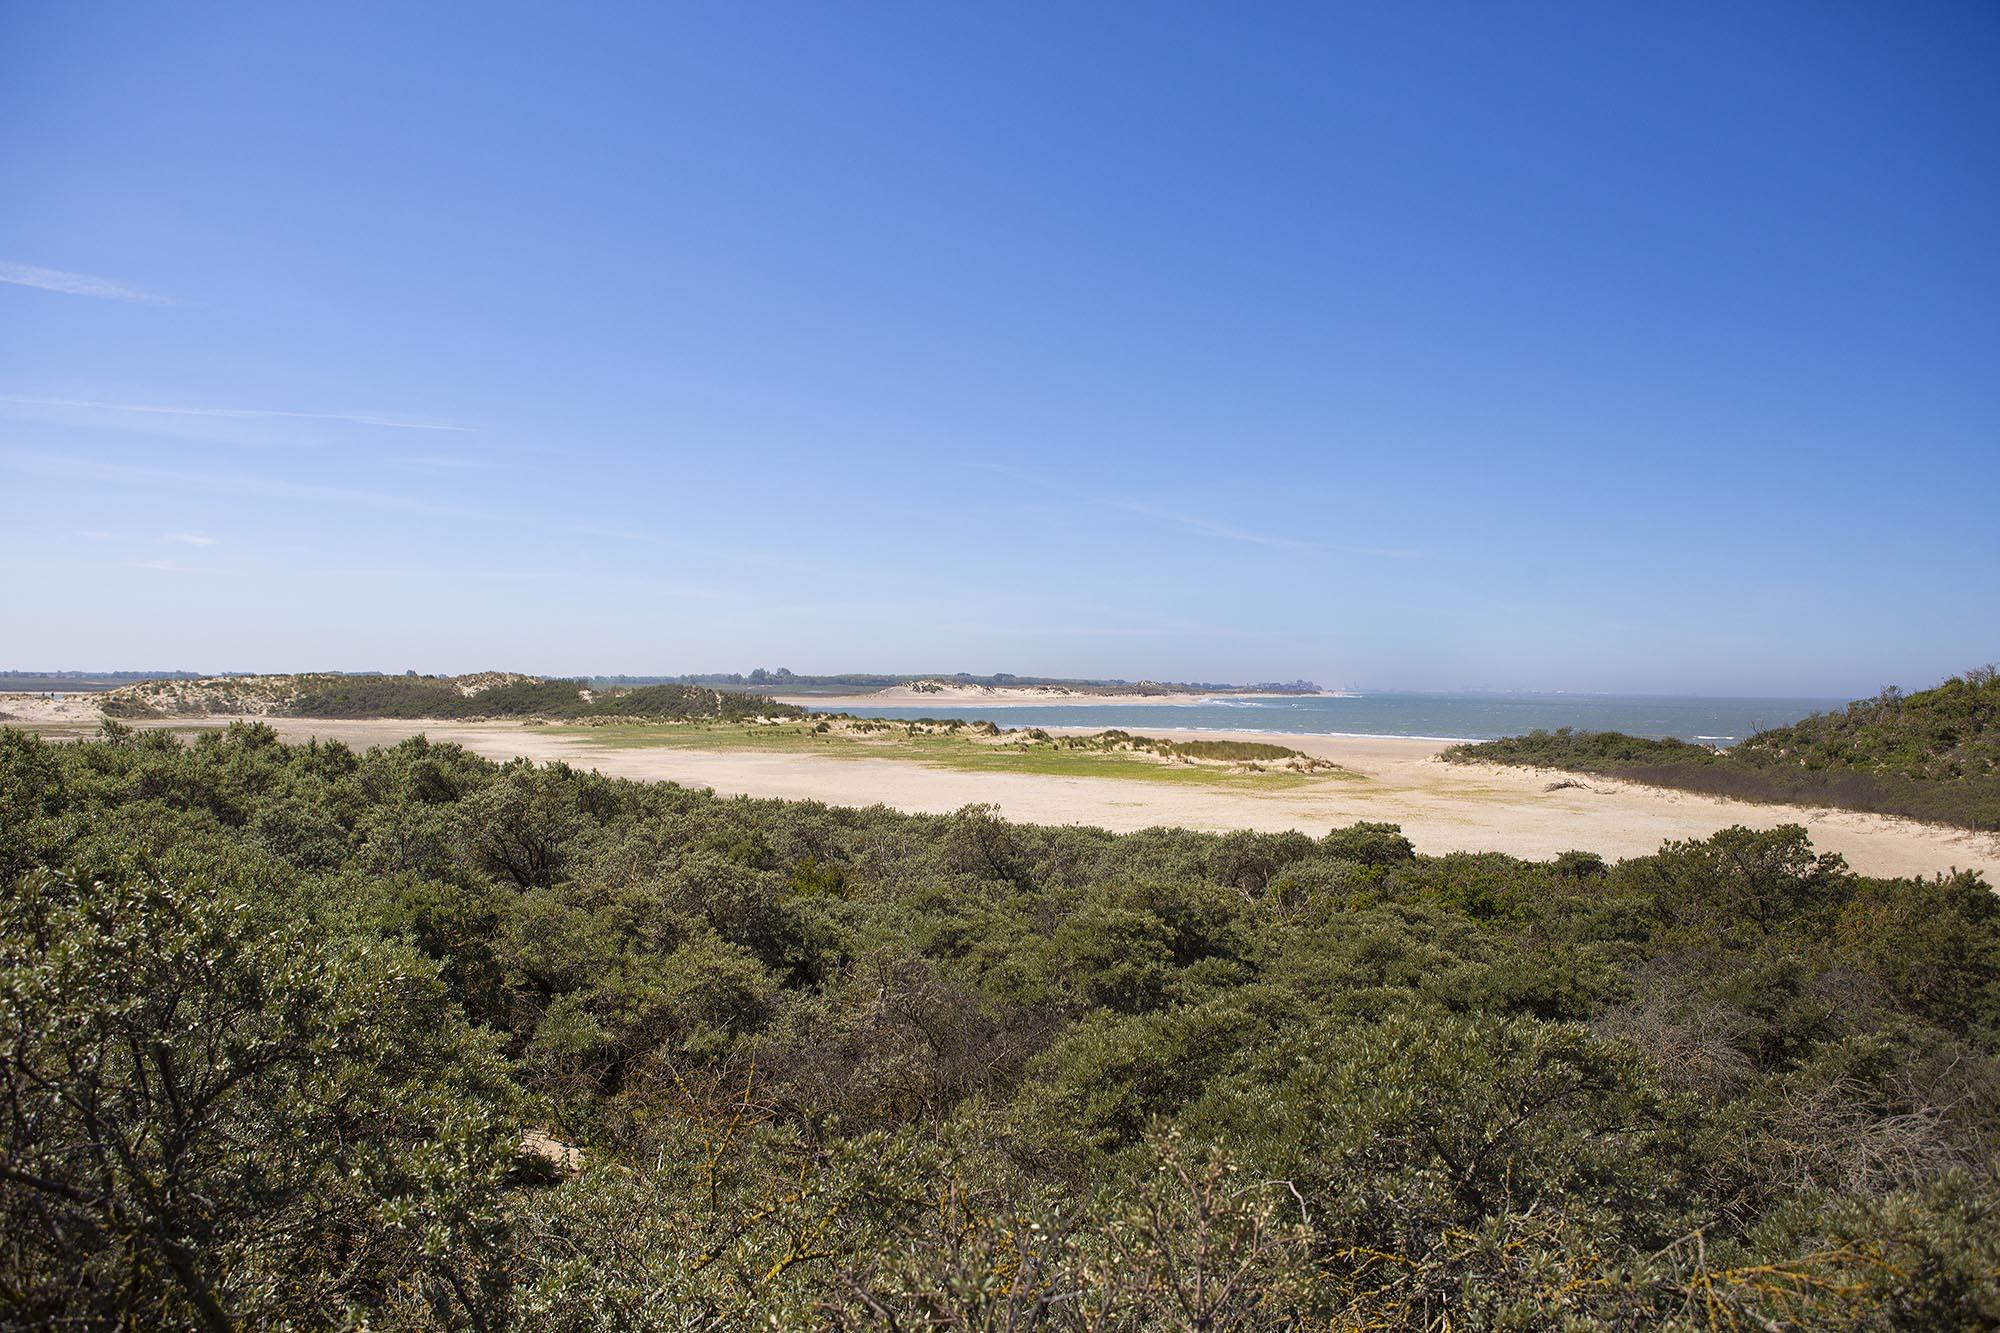 Natuurgebied het Zwin in Zeeland